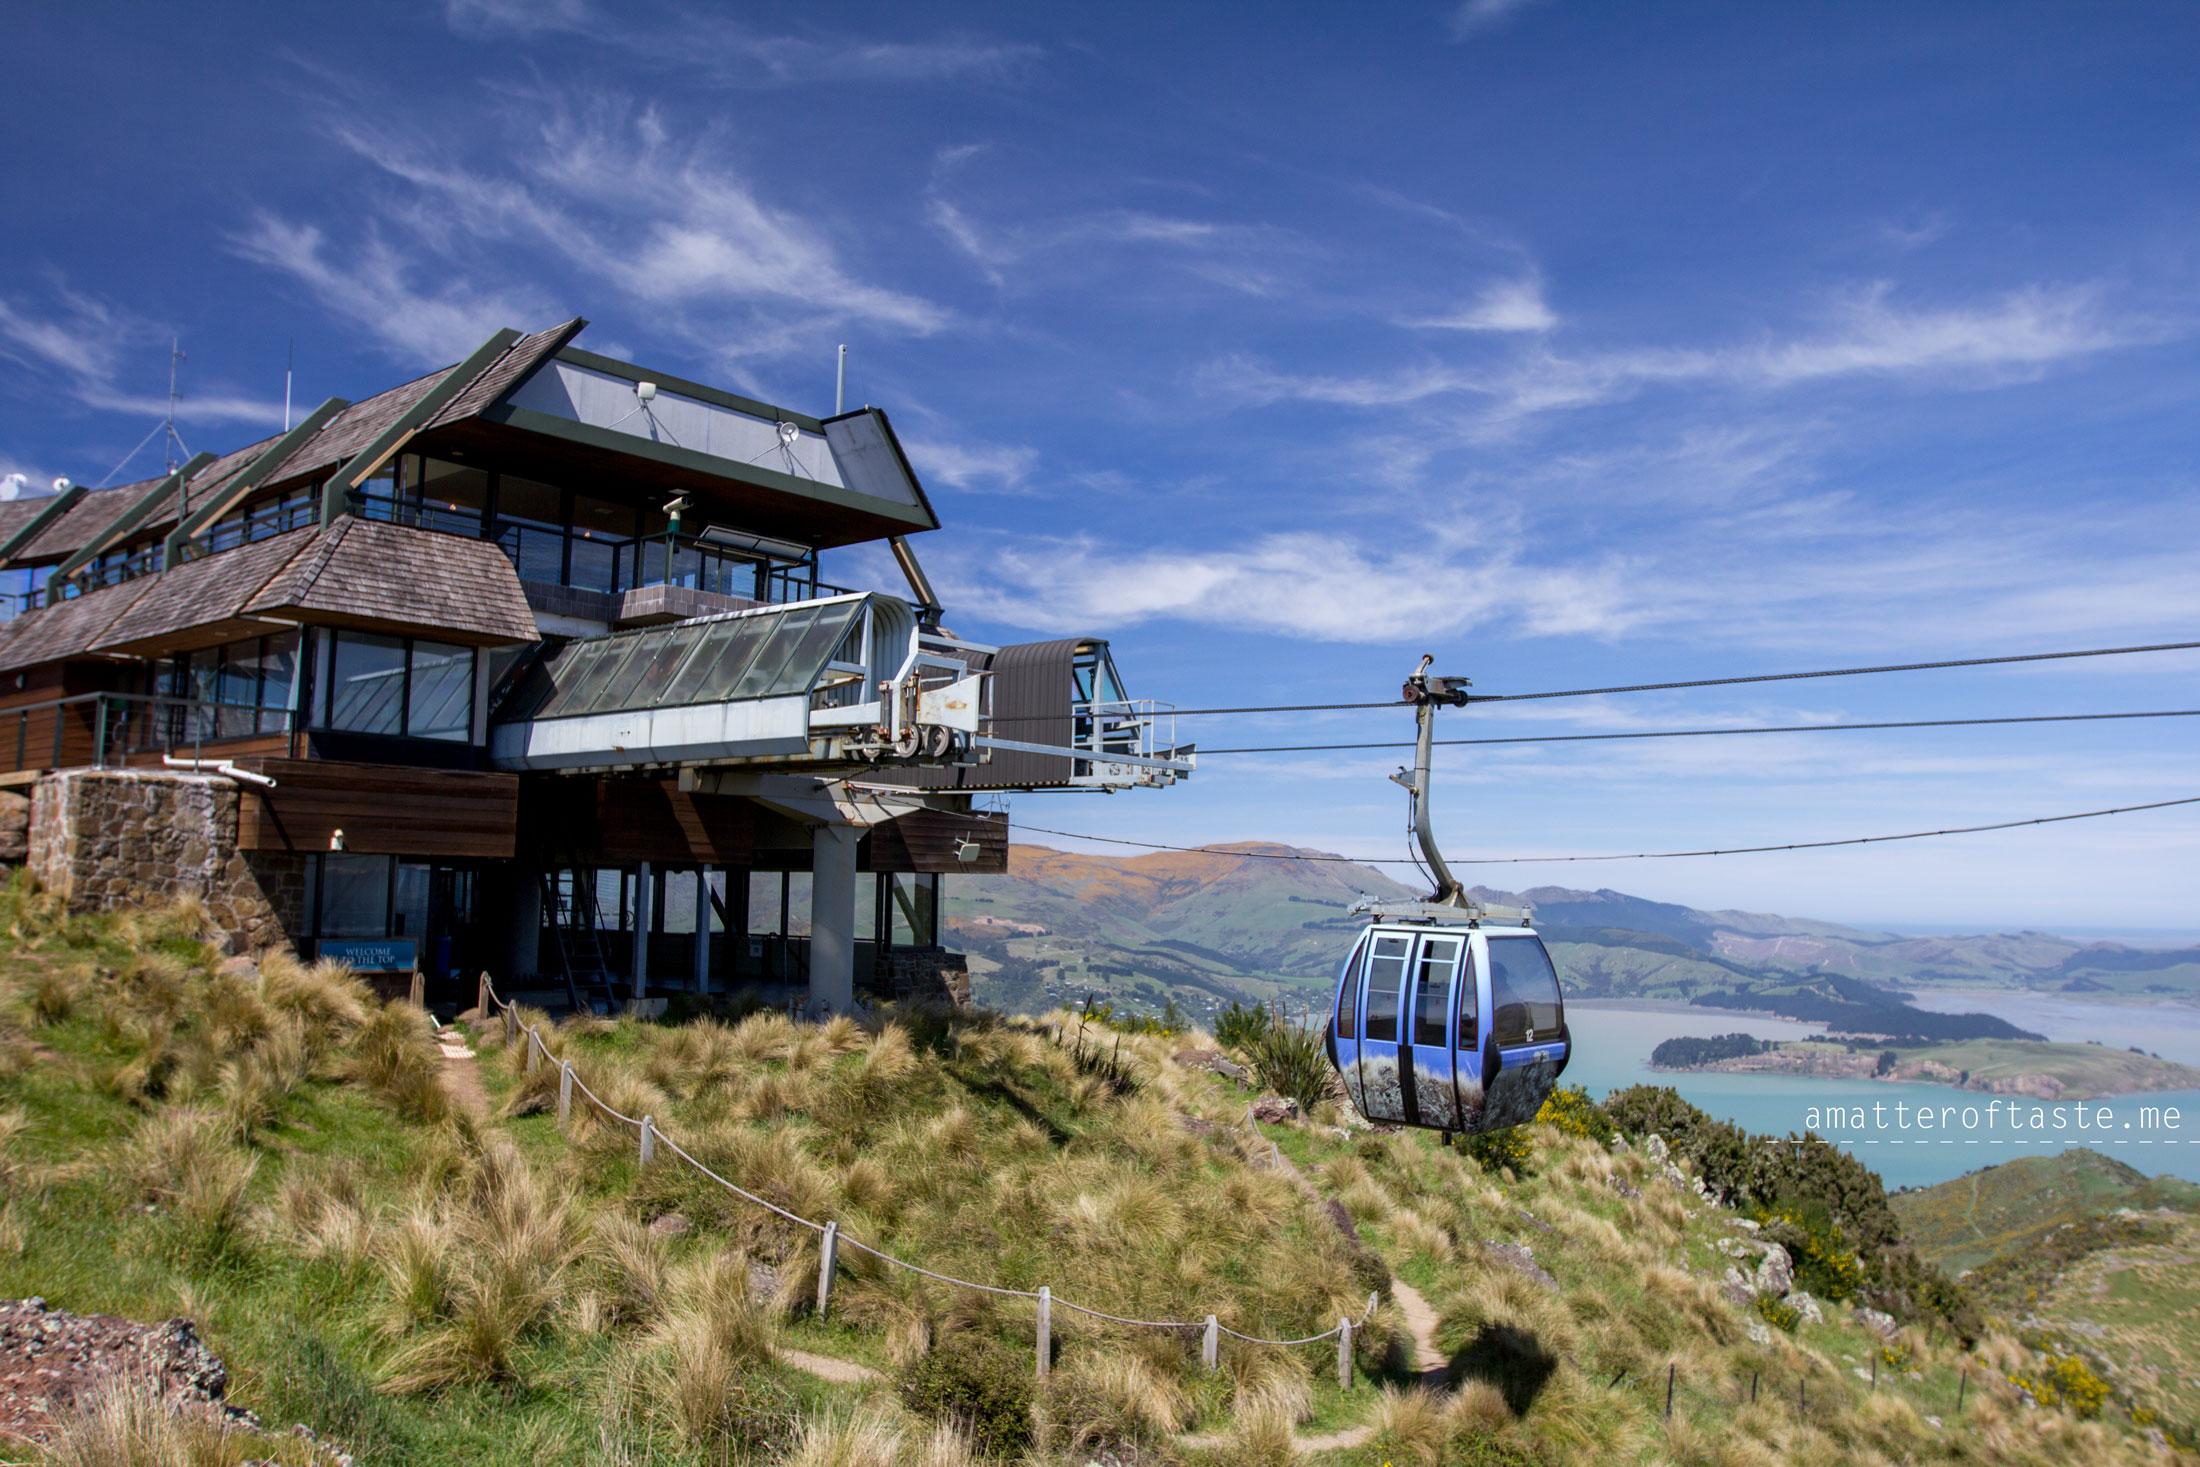 Christchurch: One Day In Christchurch